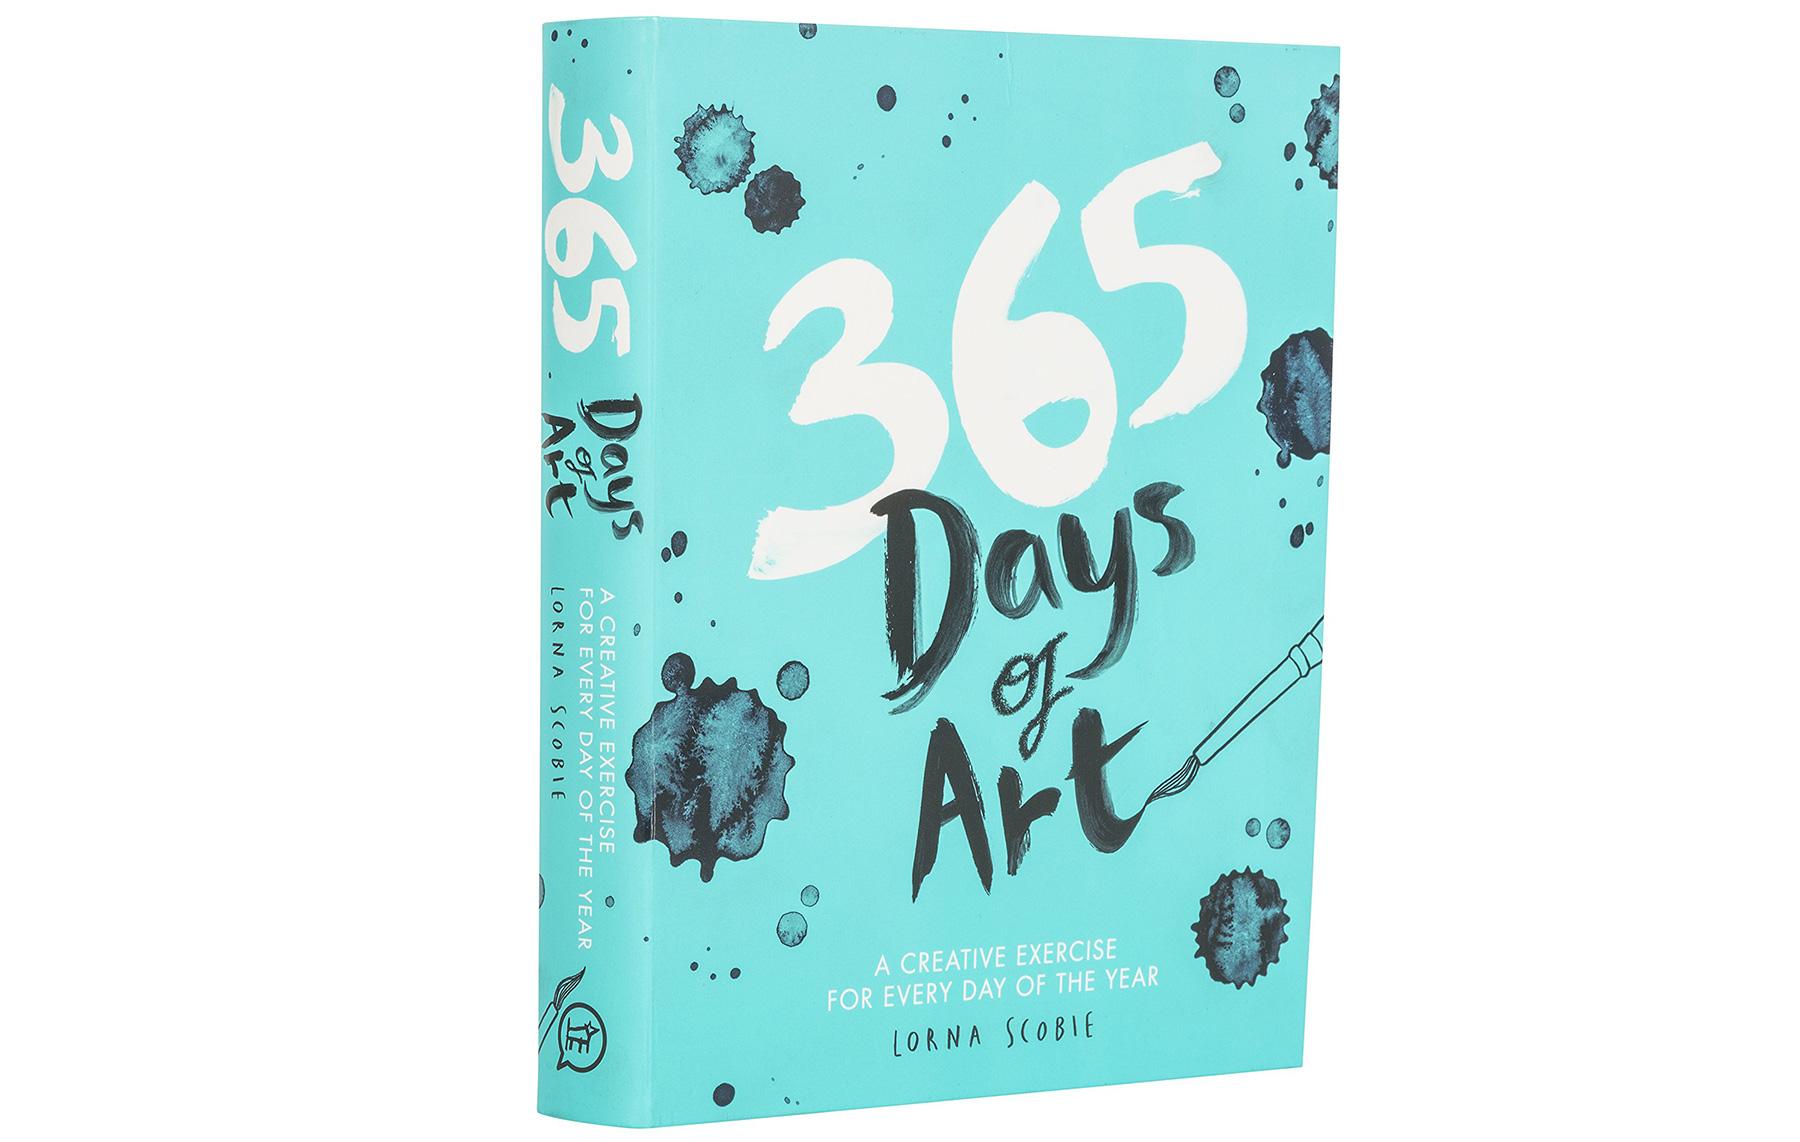 Illustrator books: 365 Days of Art